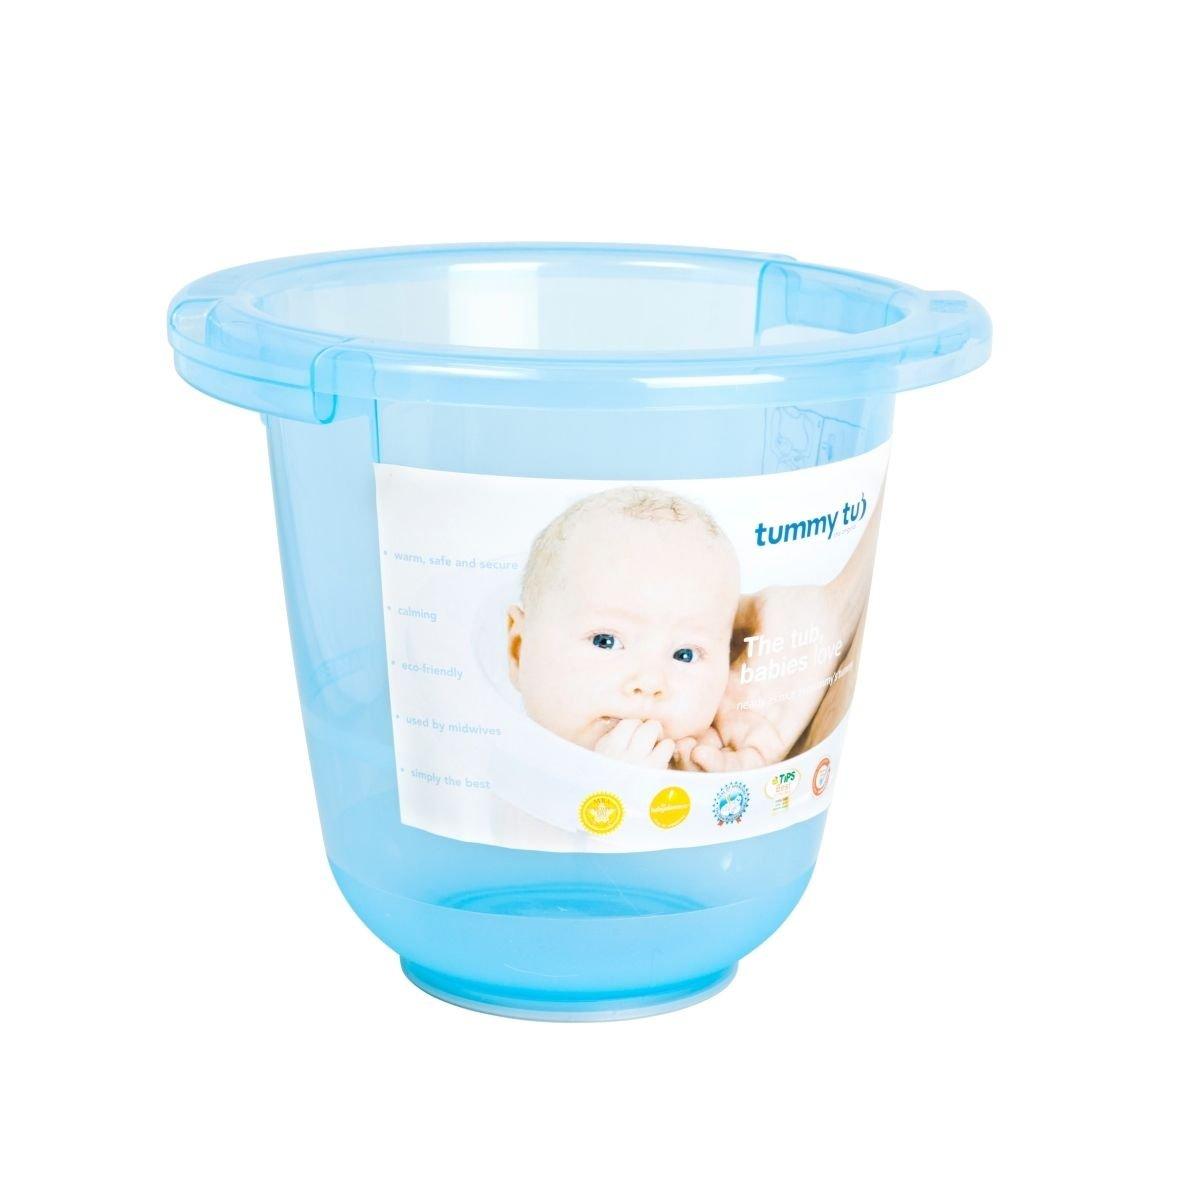 Tummy Tub Blue: Amazon.co.uk: Baby